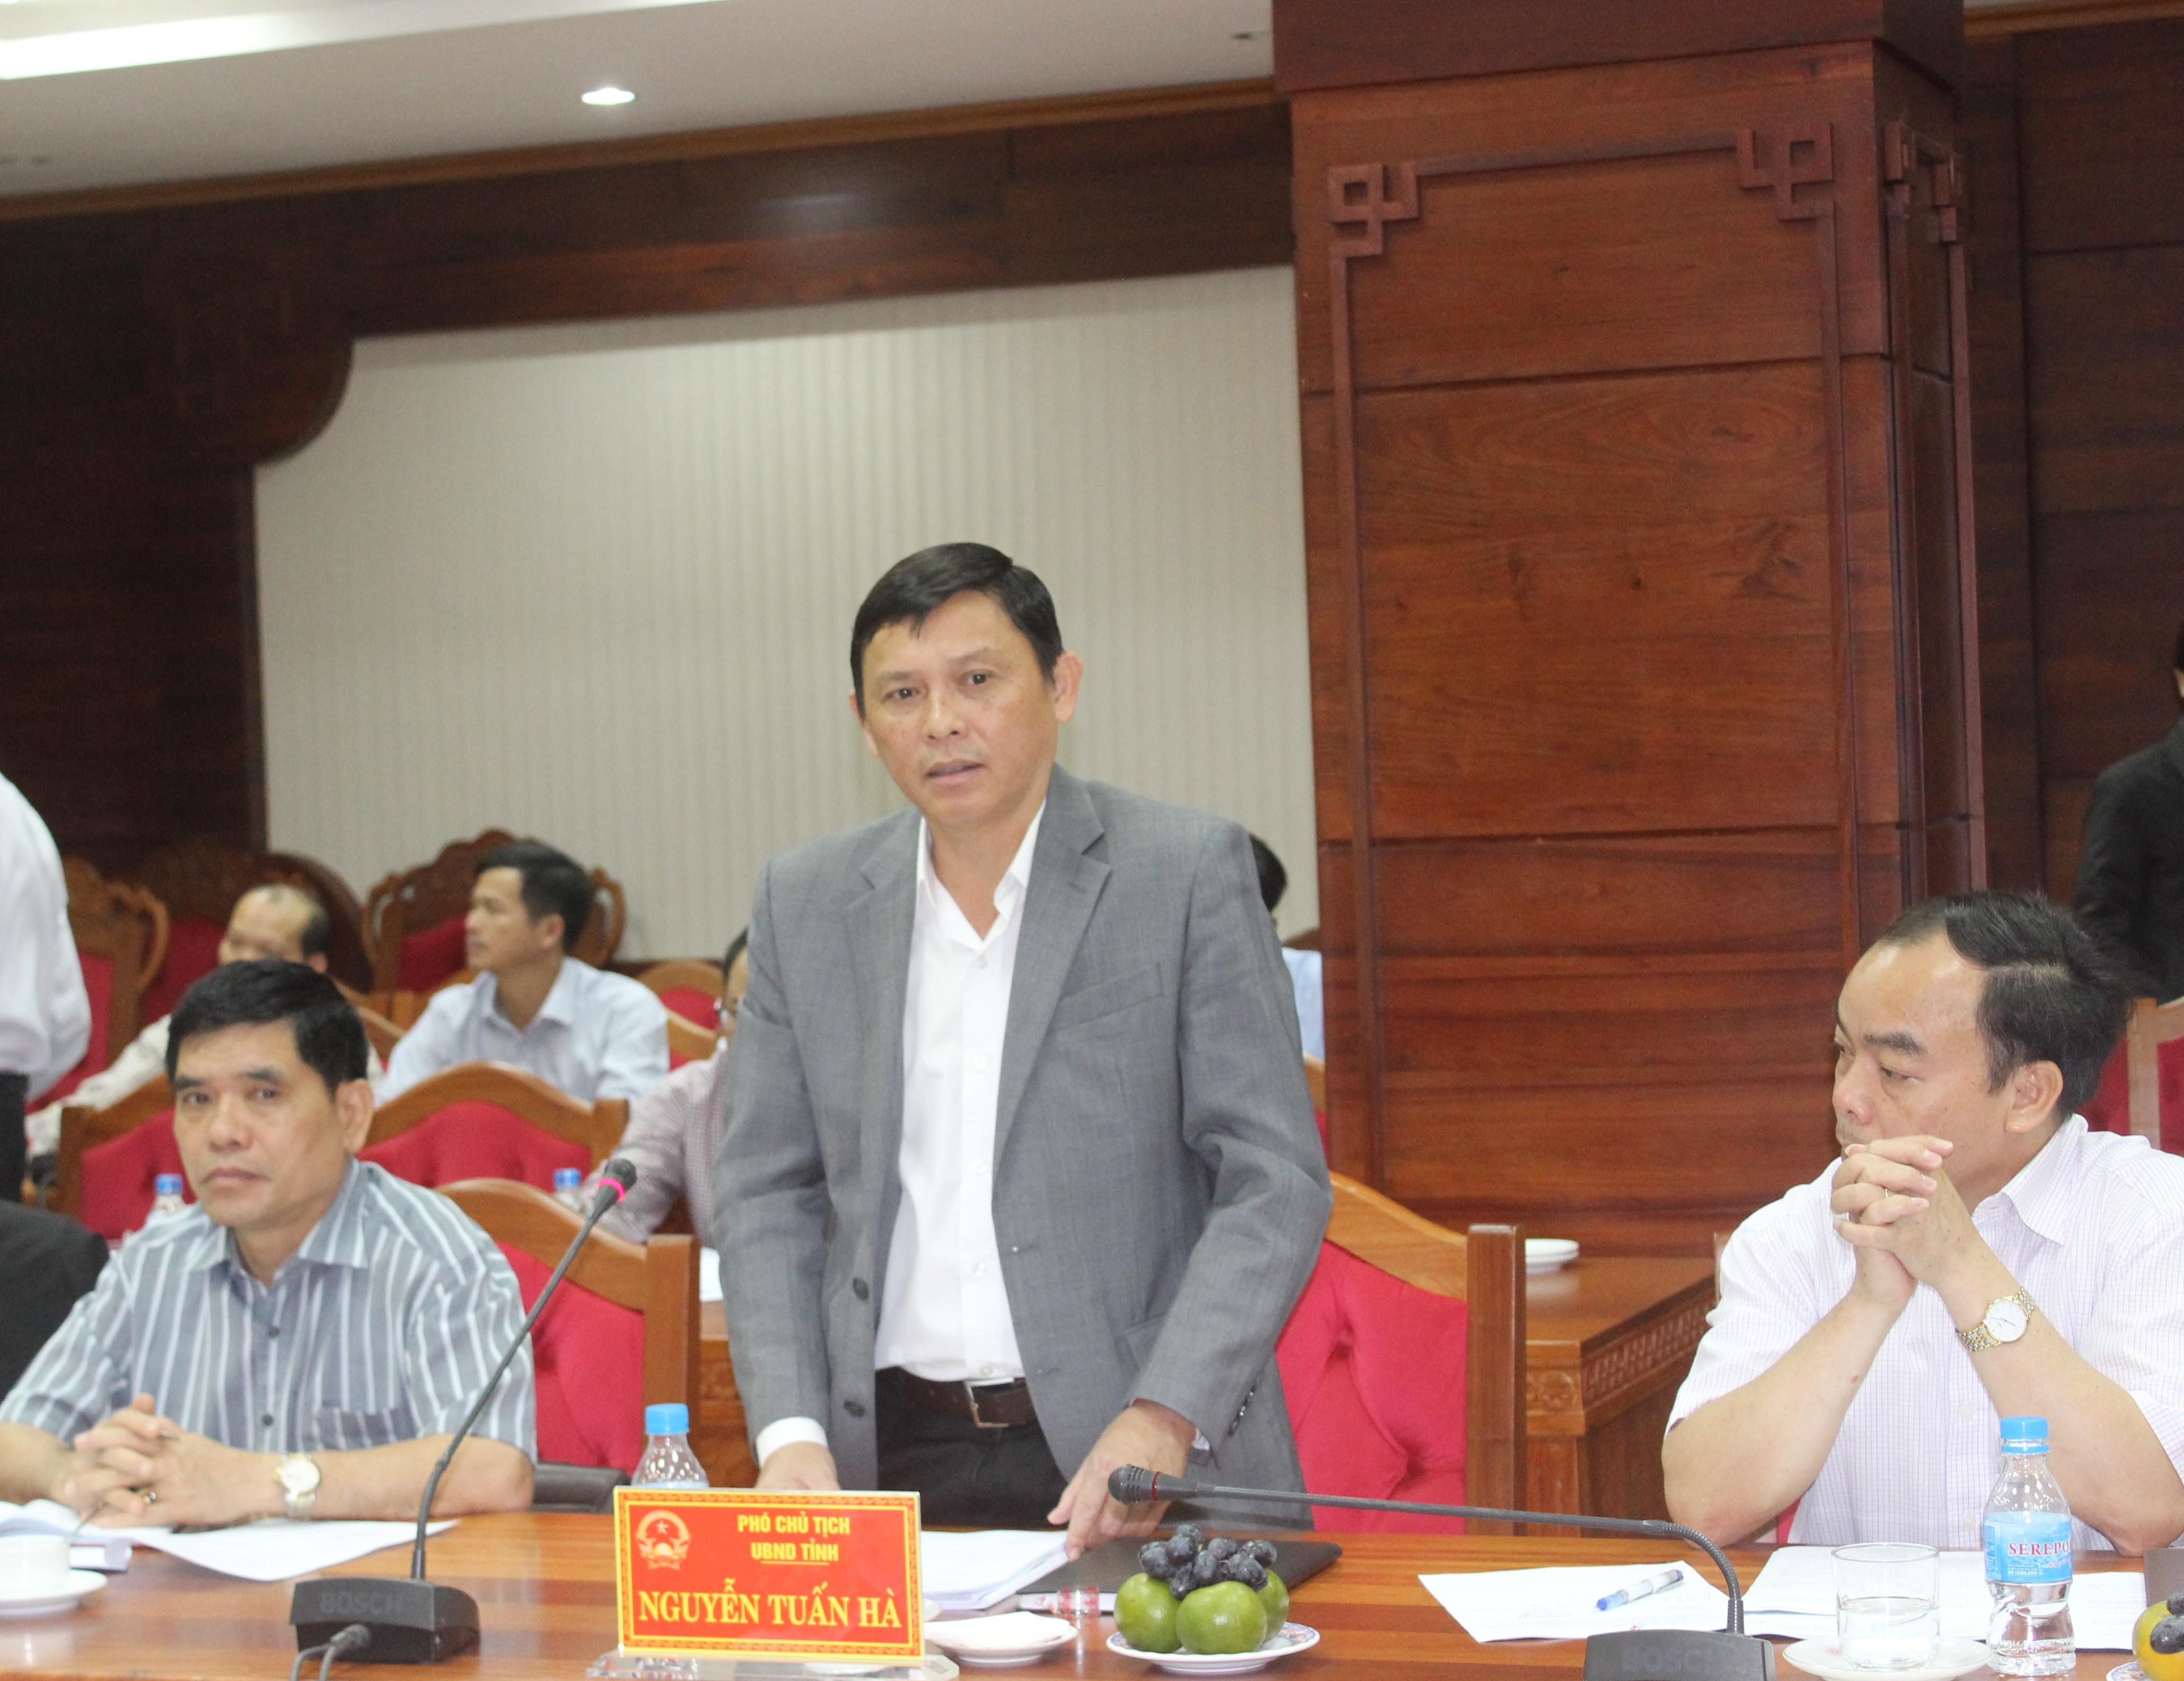 Bộ Nông nghiệp và Phát triển nông thôn làm việc với UBND tỉnh Đắk Lắk về công tác sắp xếp, đổi mới Công ty nông, lâm nghiệp.